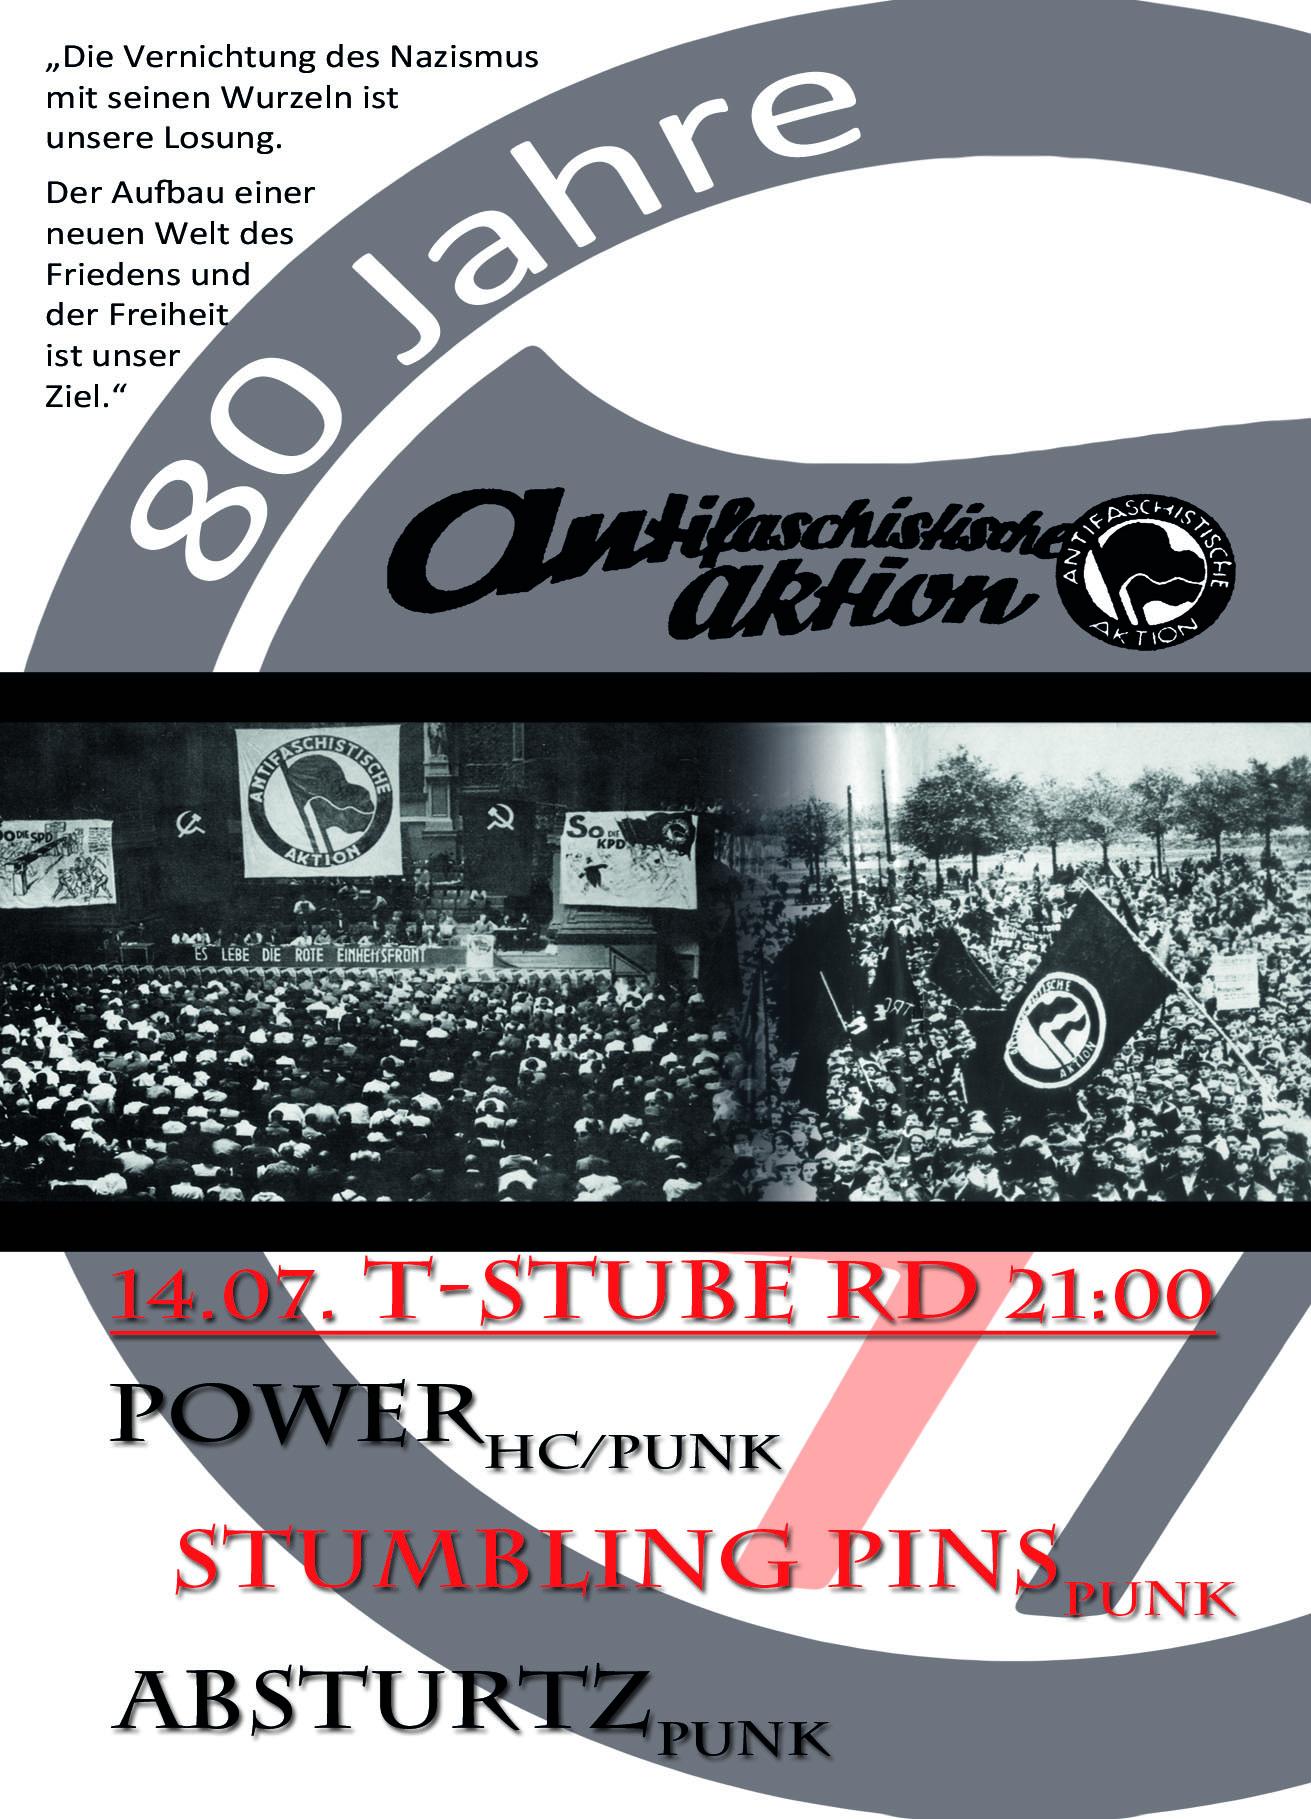 Flyer 80 Jahre Antifa